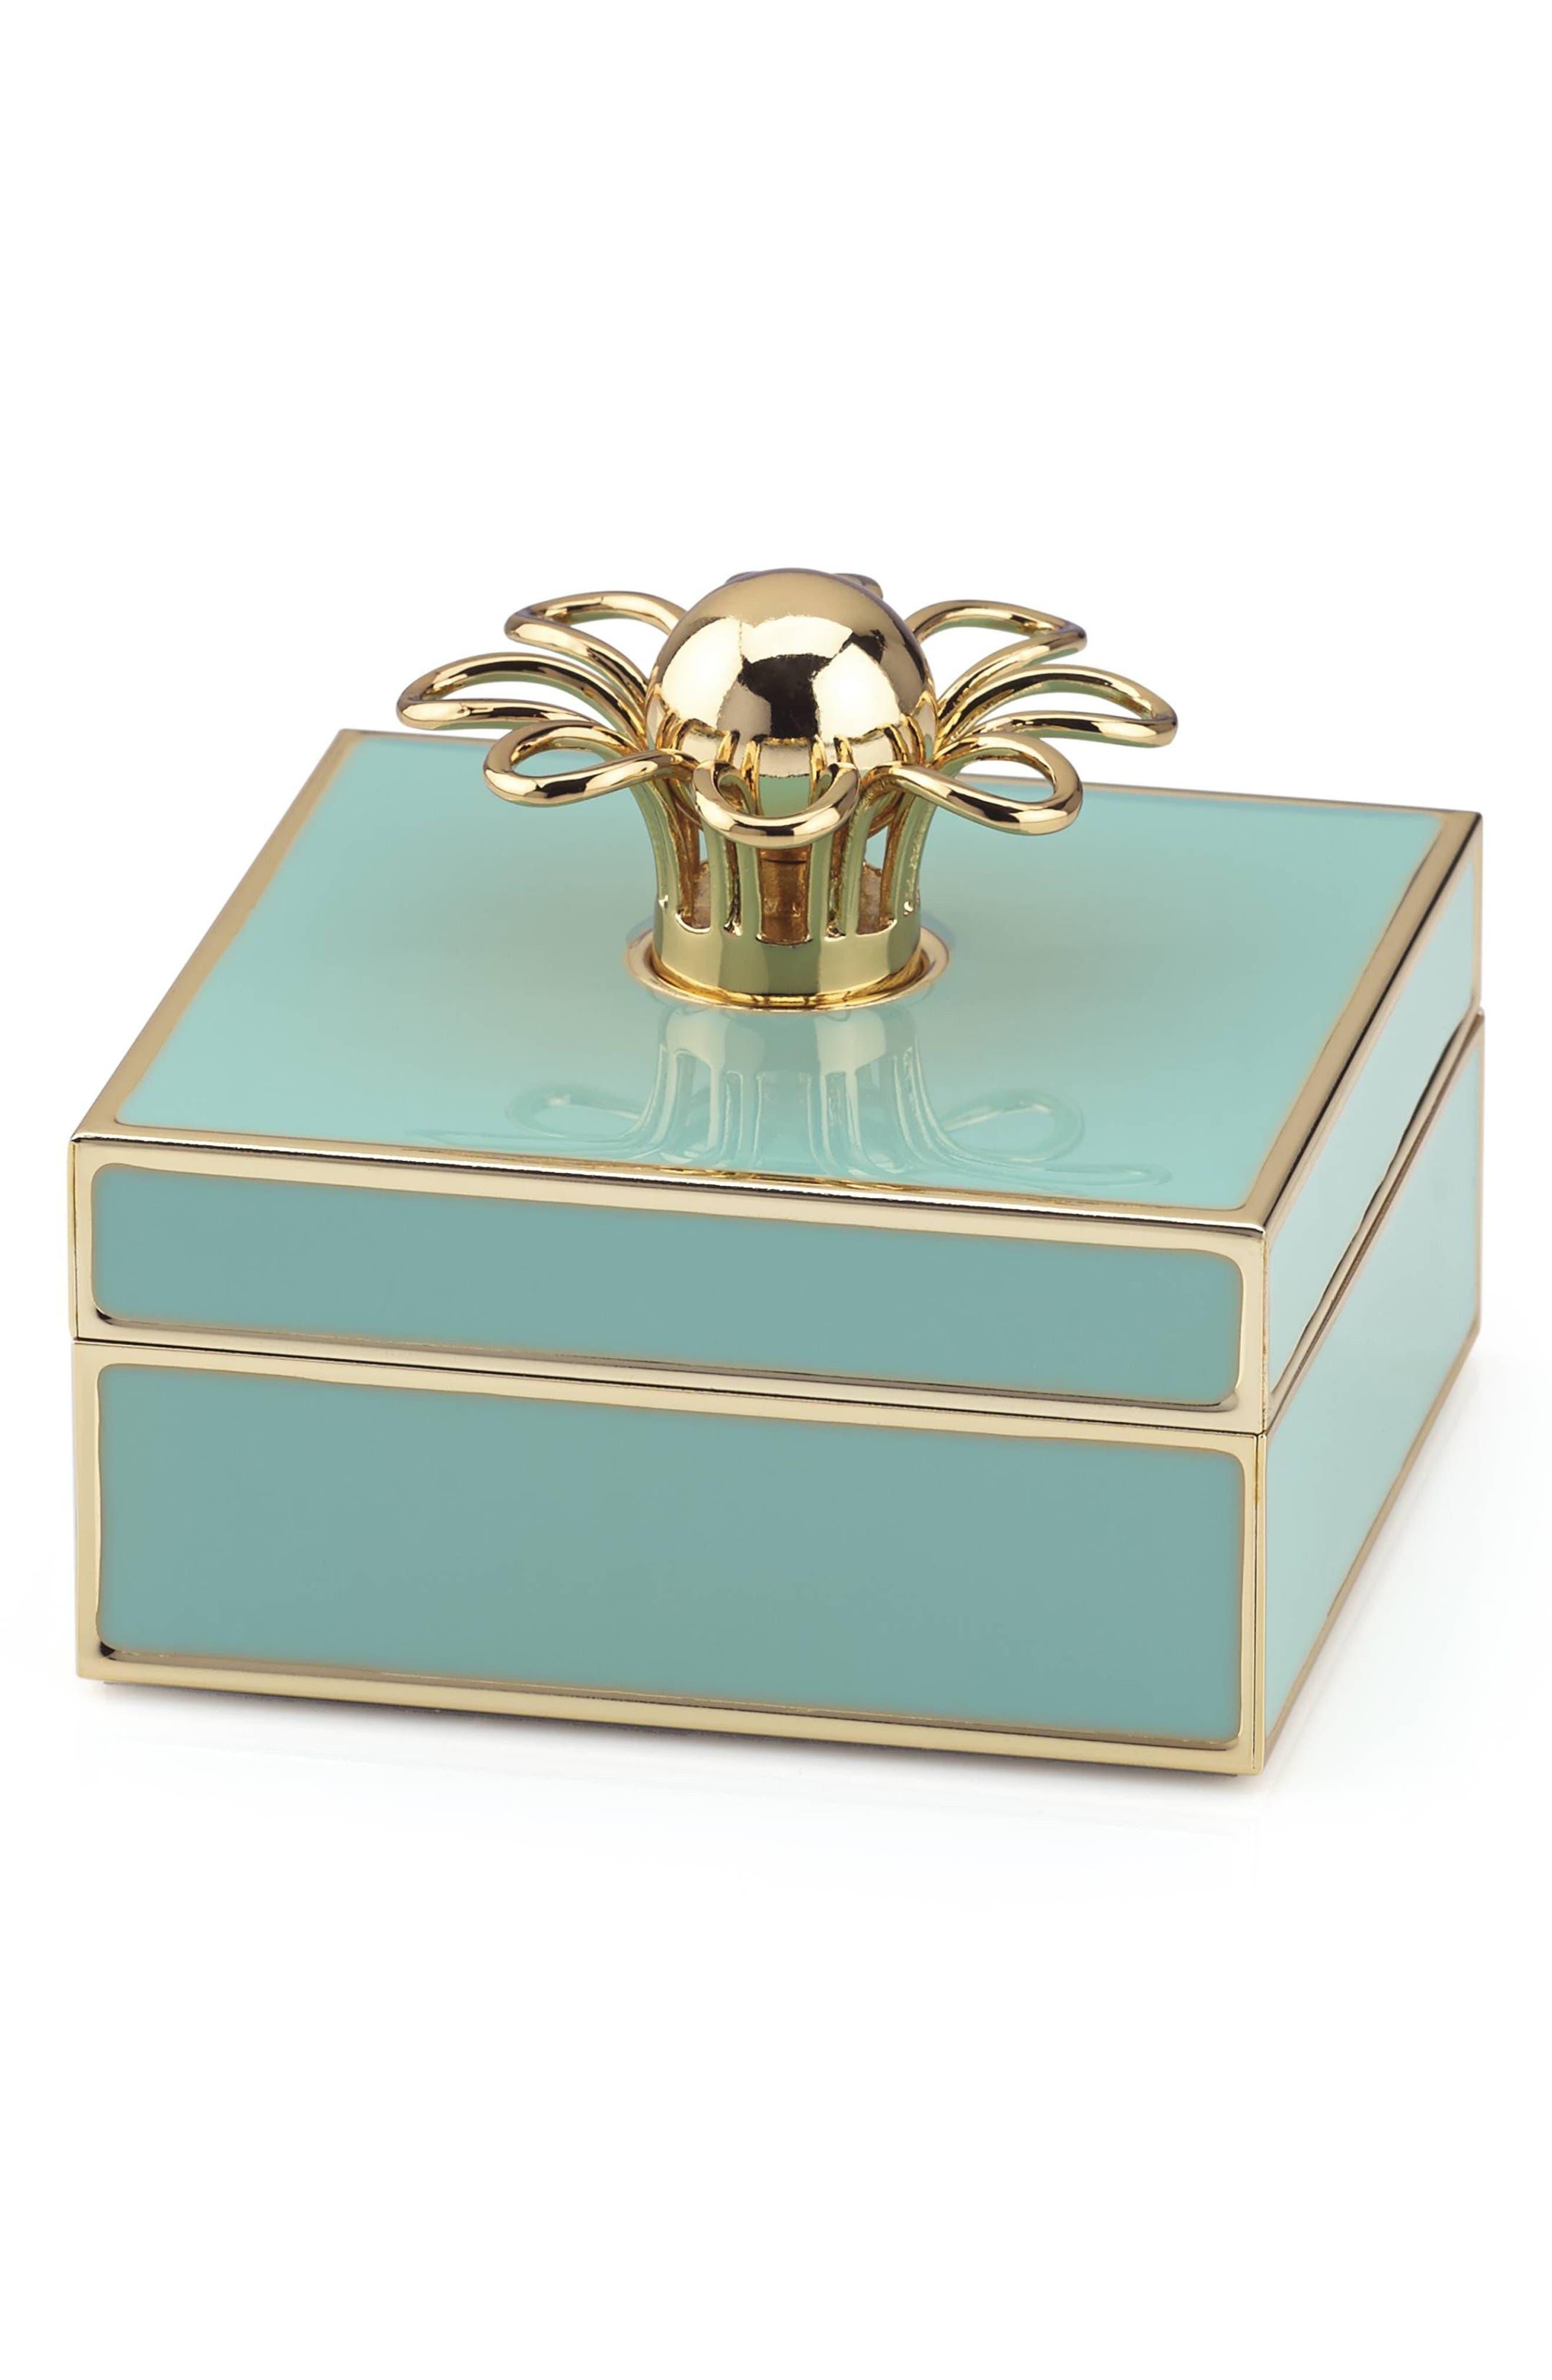 keaton porcelain jewelry box,                             Main thumbnail 1, color,                             440